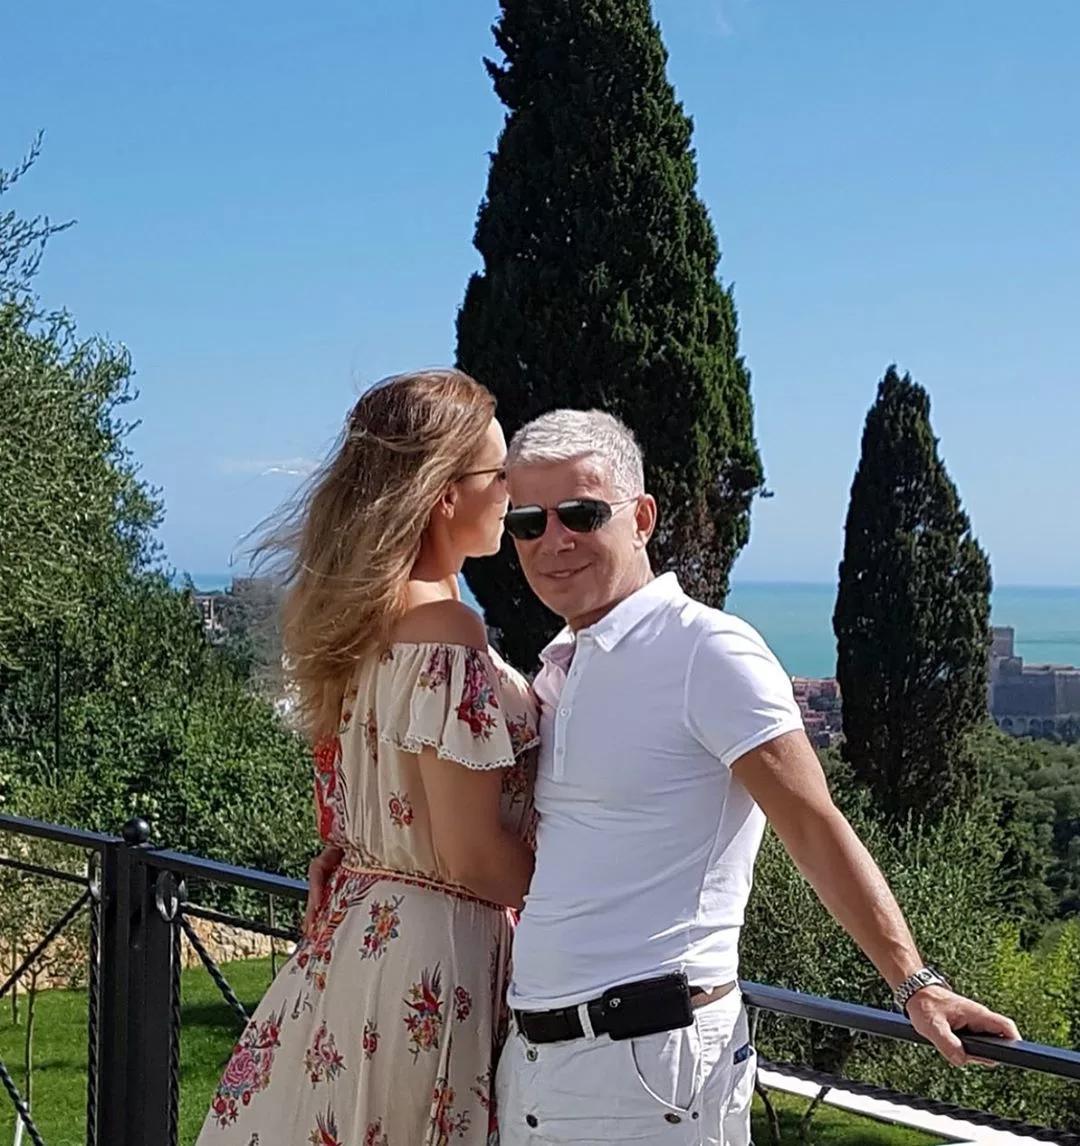 Олег Газманов с супругой наслаждаются хорошей погодой в Италии.